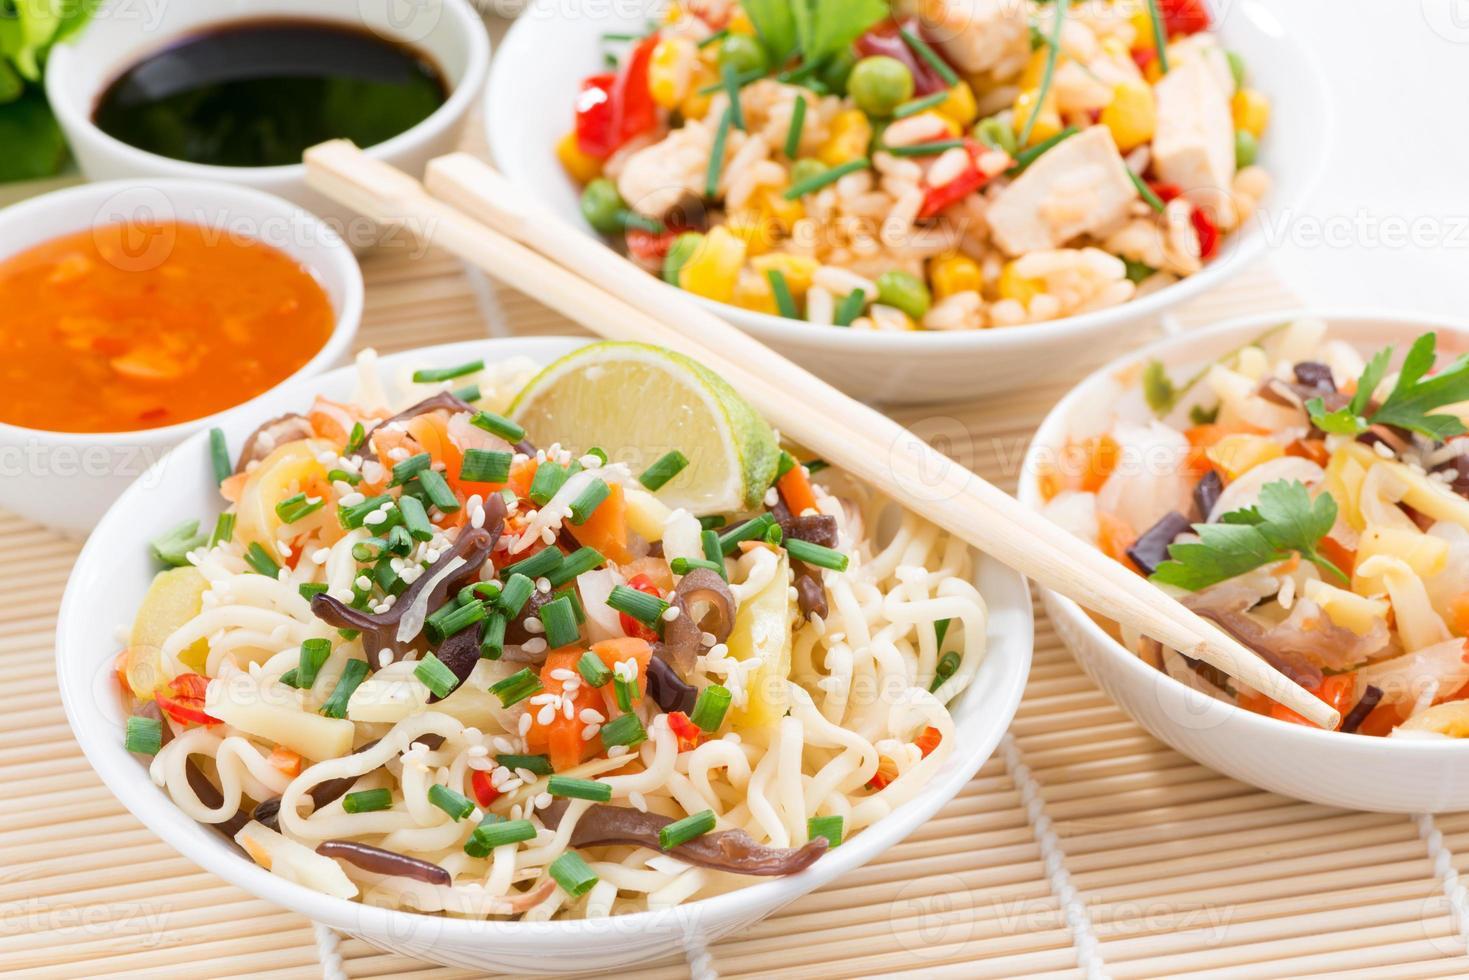 comida asiática - macarrão com legumes e verduras, arroz frito foto